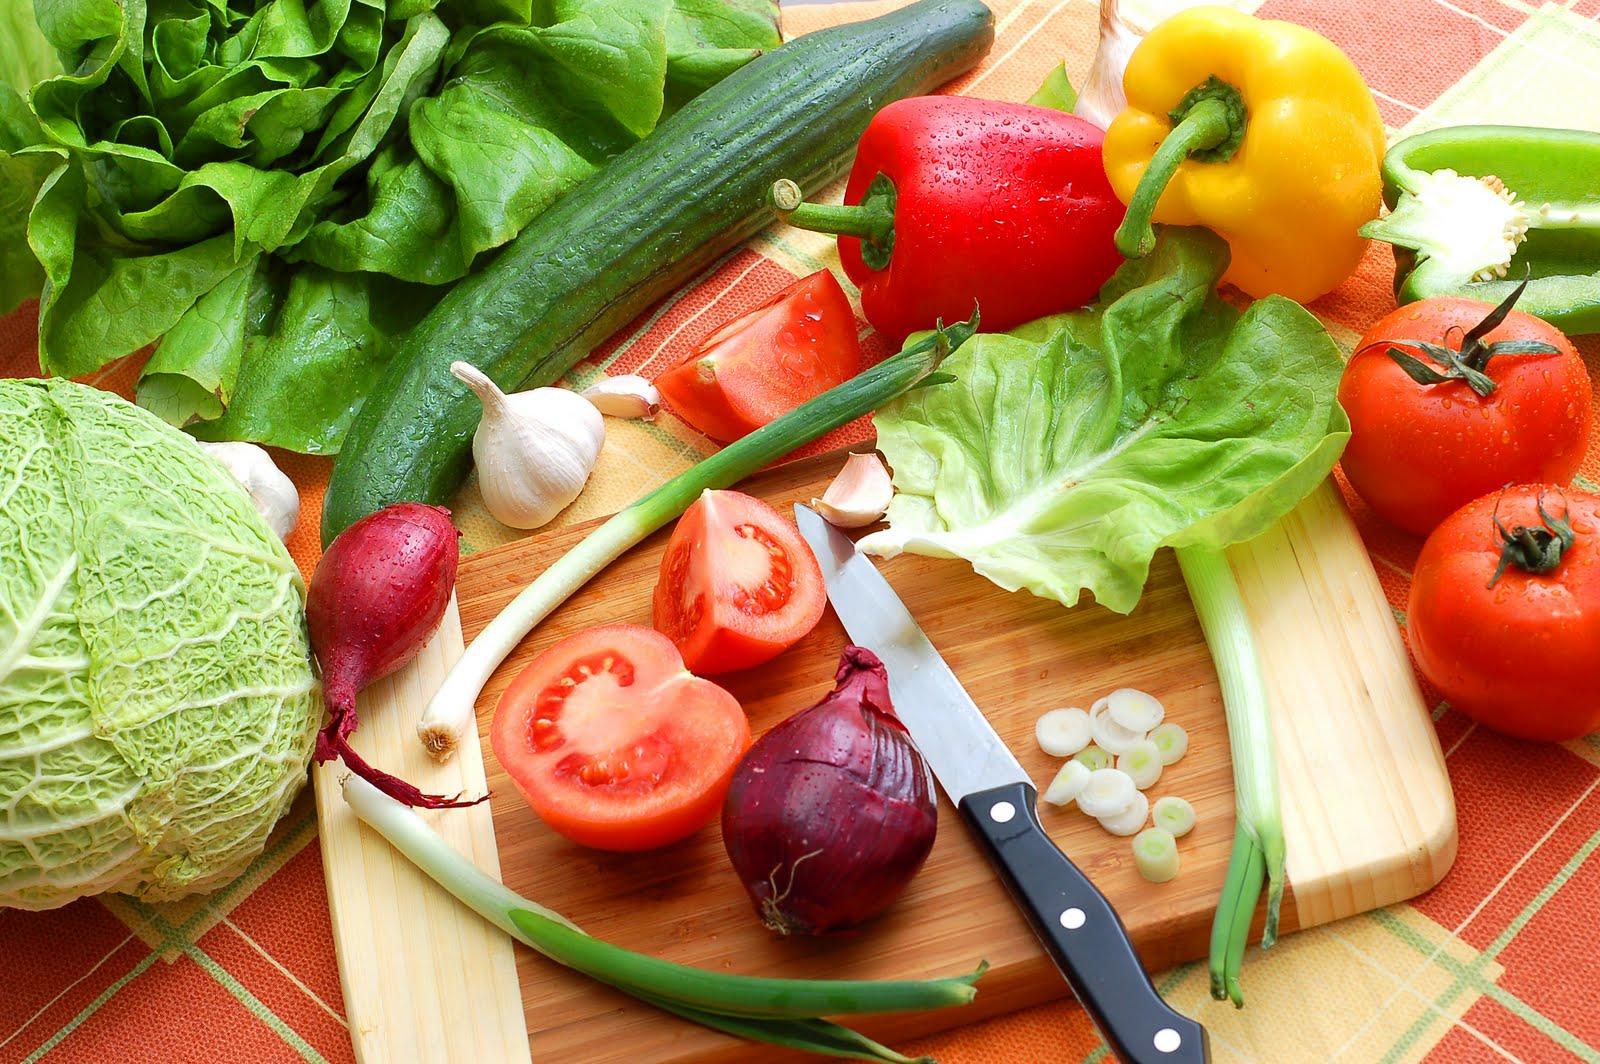 Una alimentazione corretta aiuta a prevenire malattie degenerative